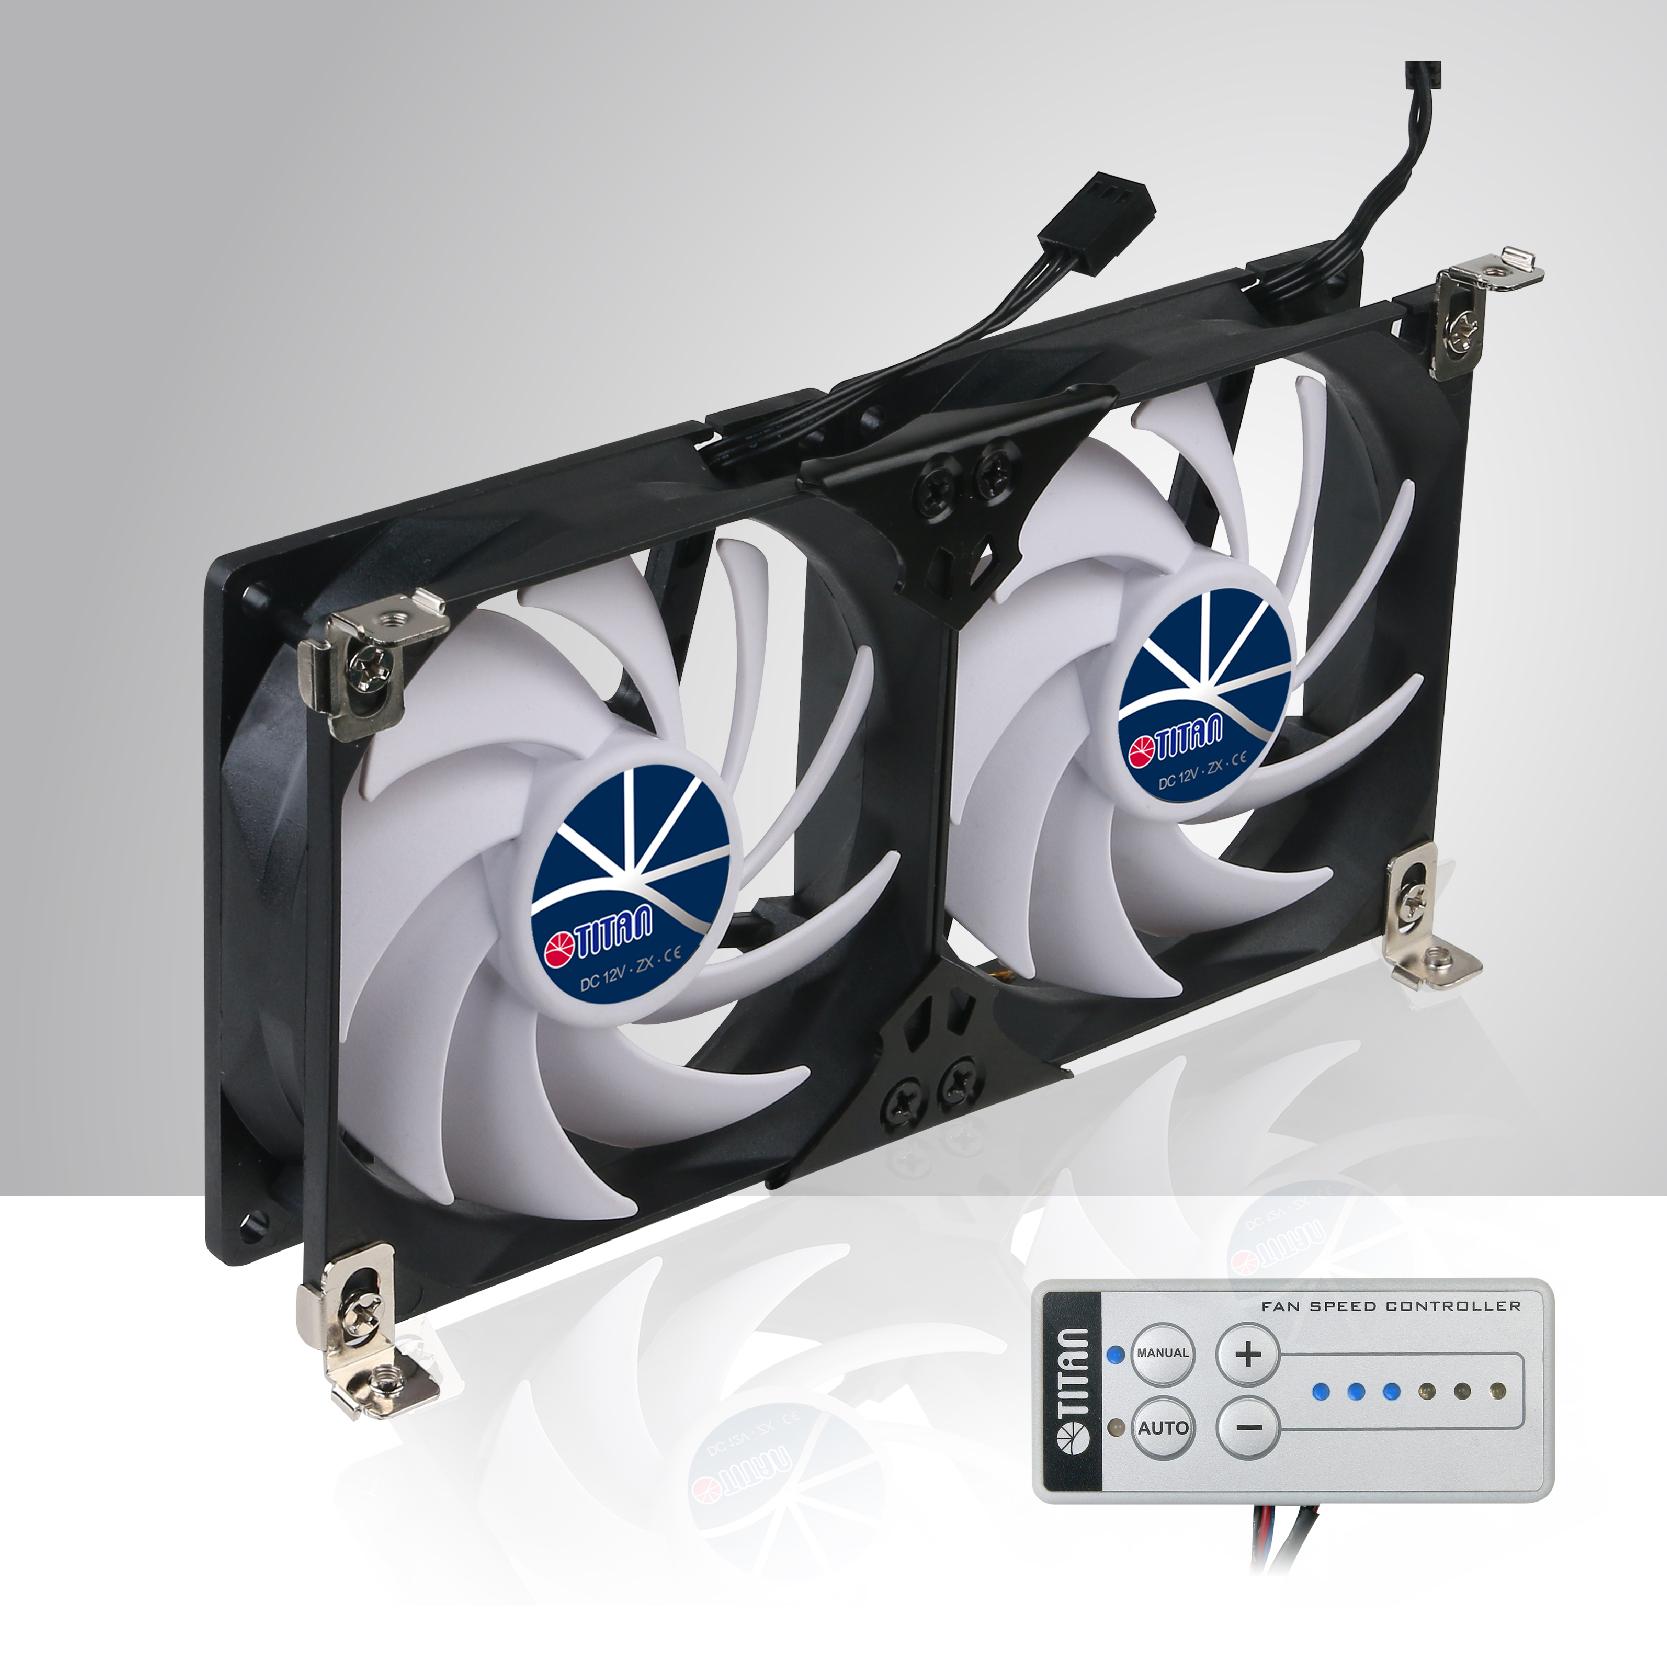 12v dc double rack mount ventilation cooling fan for. Black Bedroom Furniture Sets. Home Design Ideas